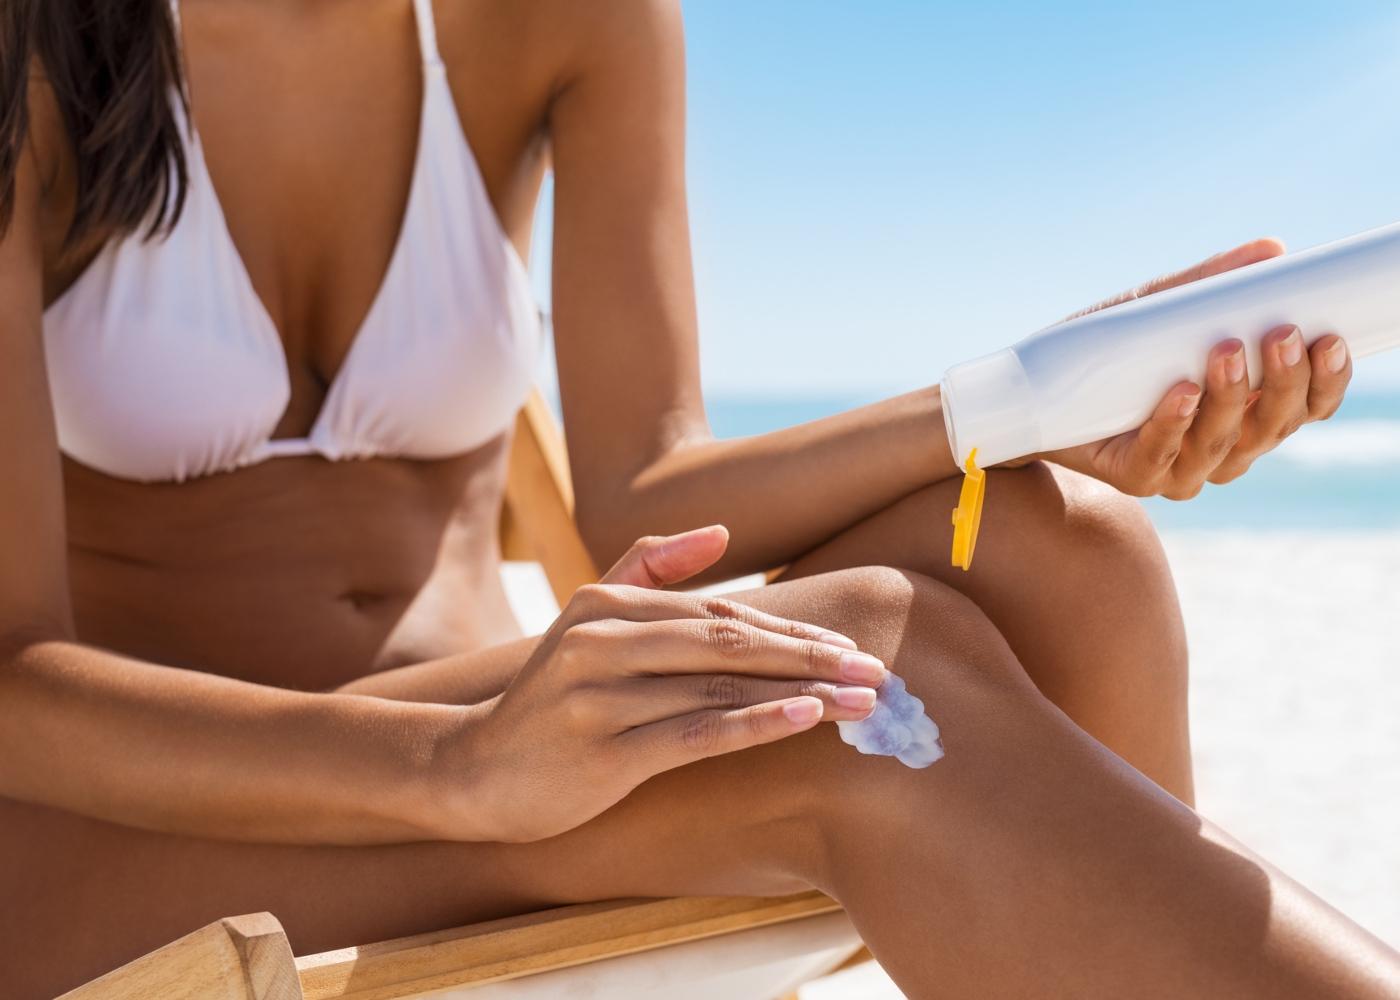 Mulher na praia a aplicar protetor solar nas pernas